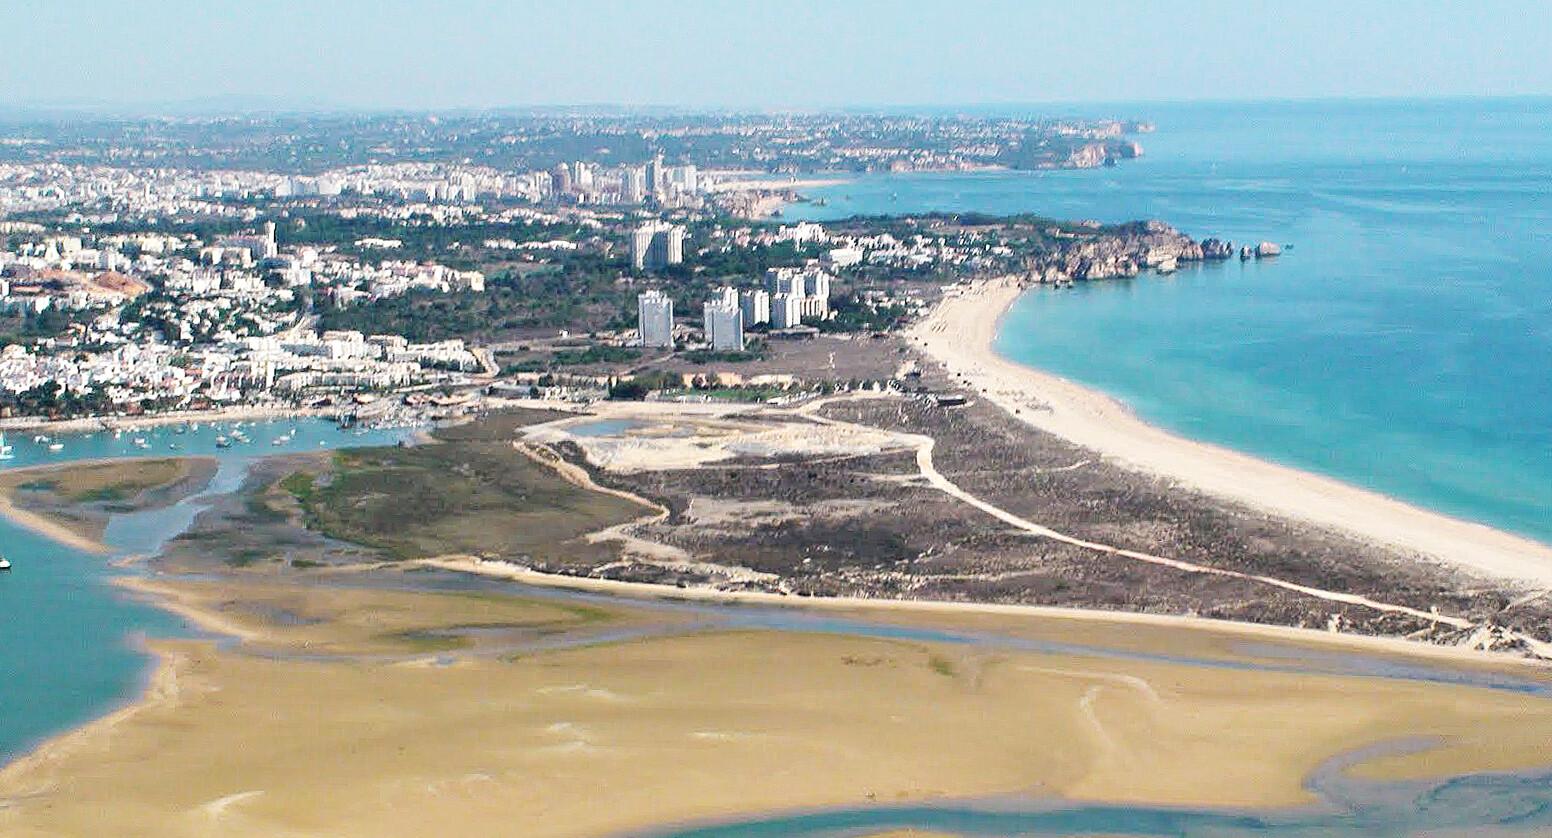 praia-de-alvor-melhores-praias-do-algarve